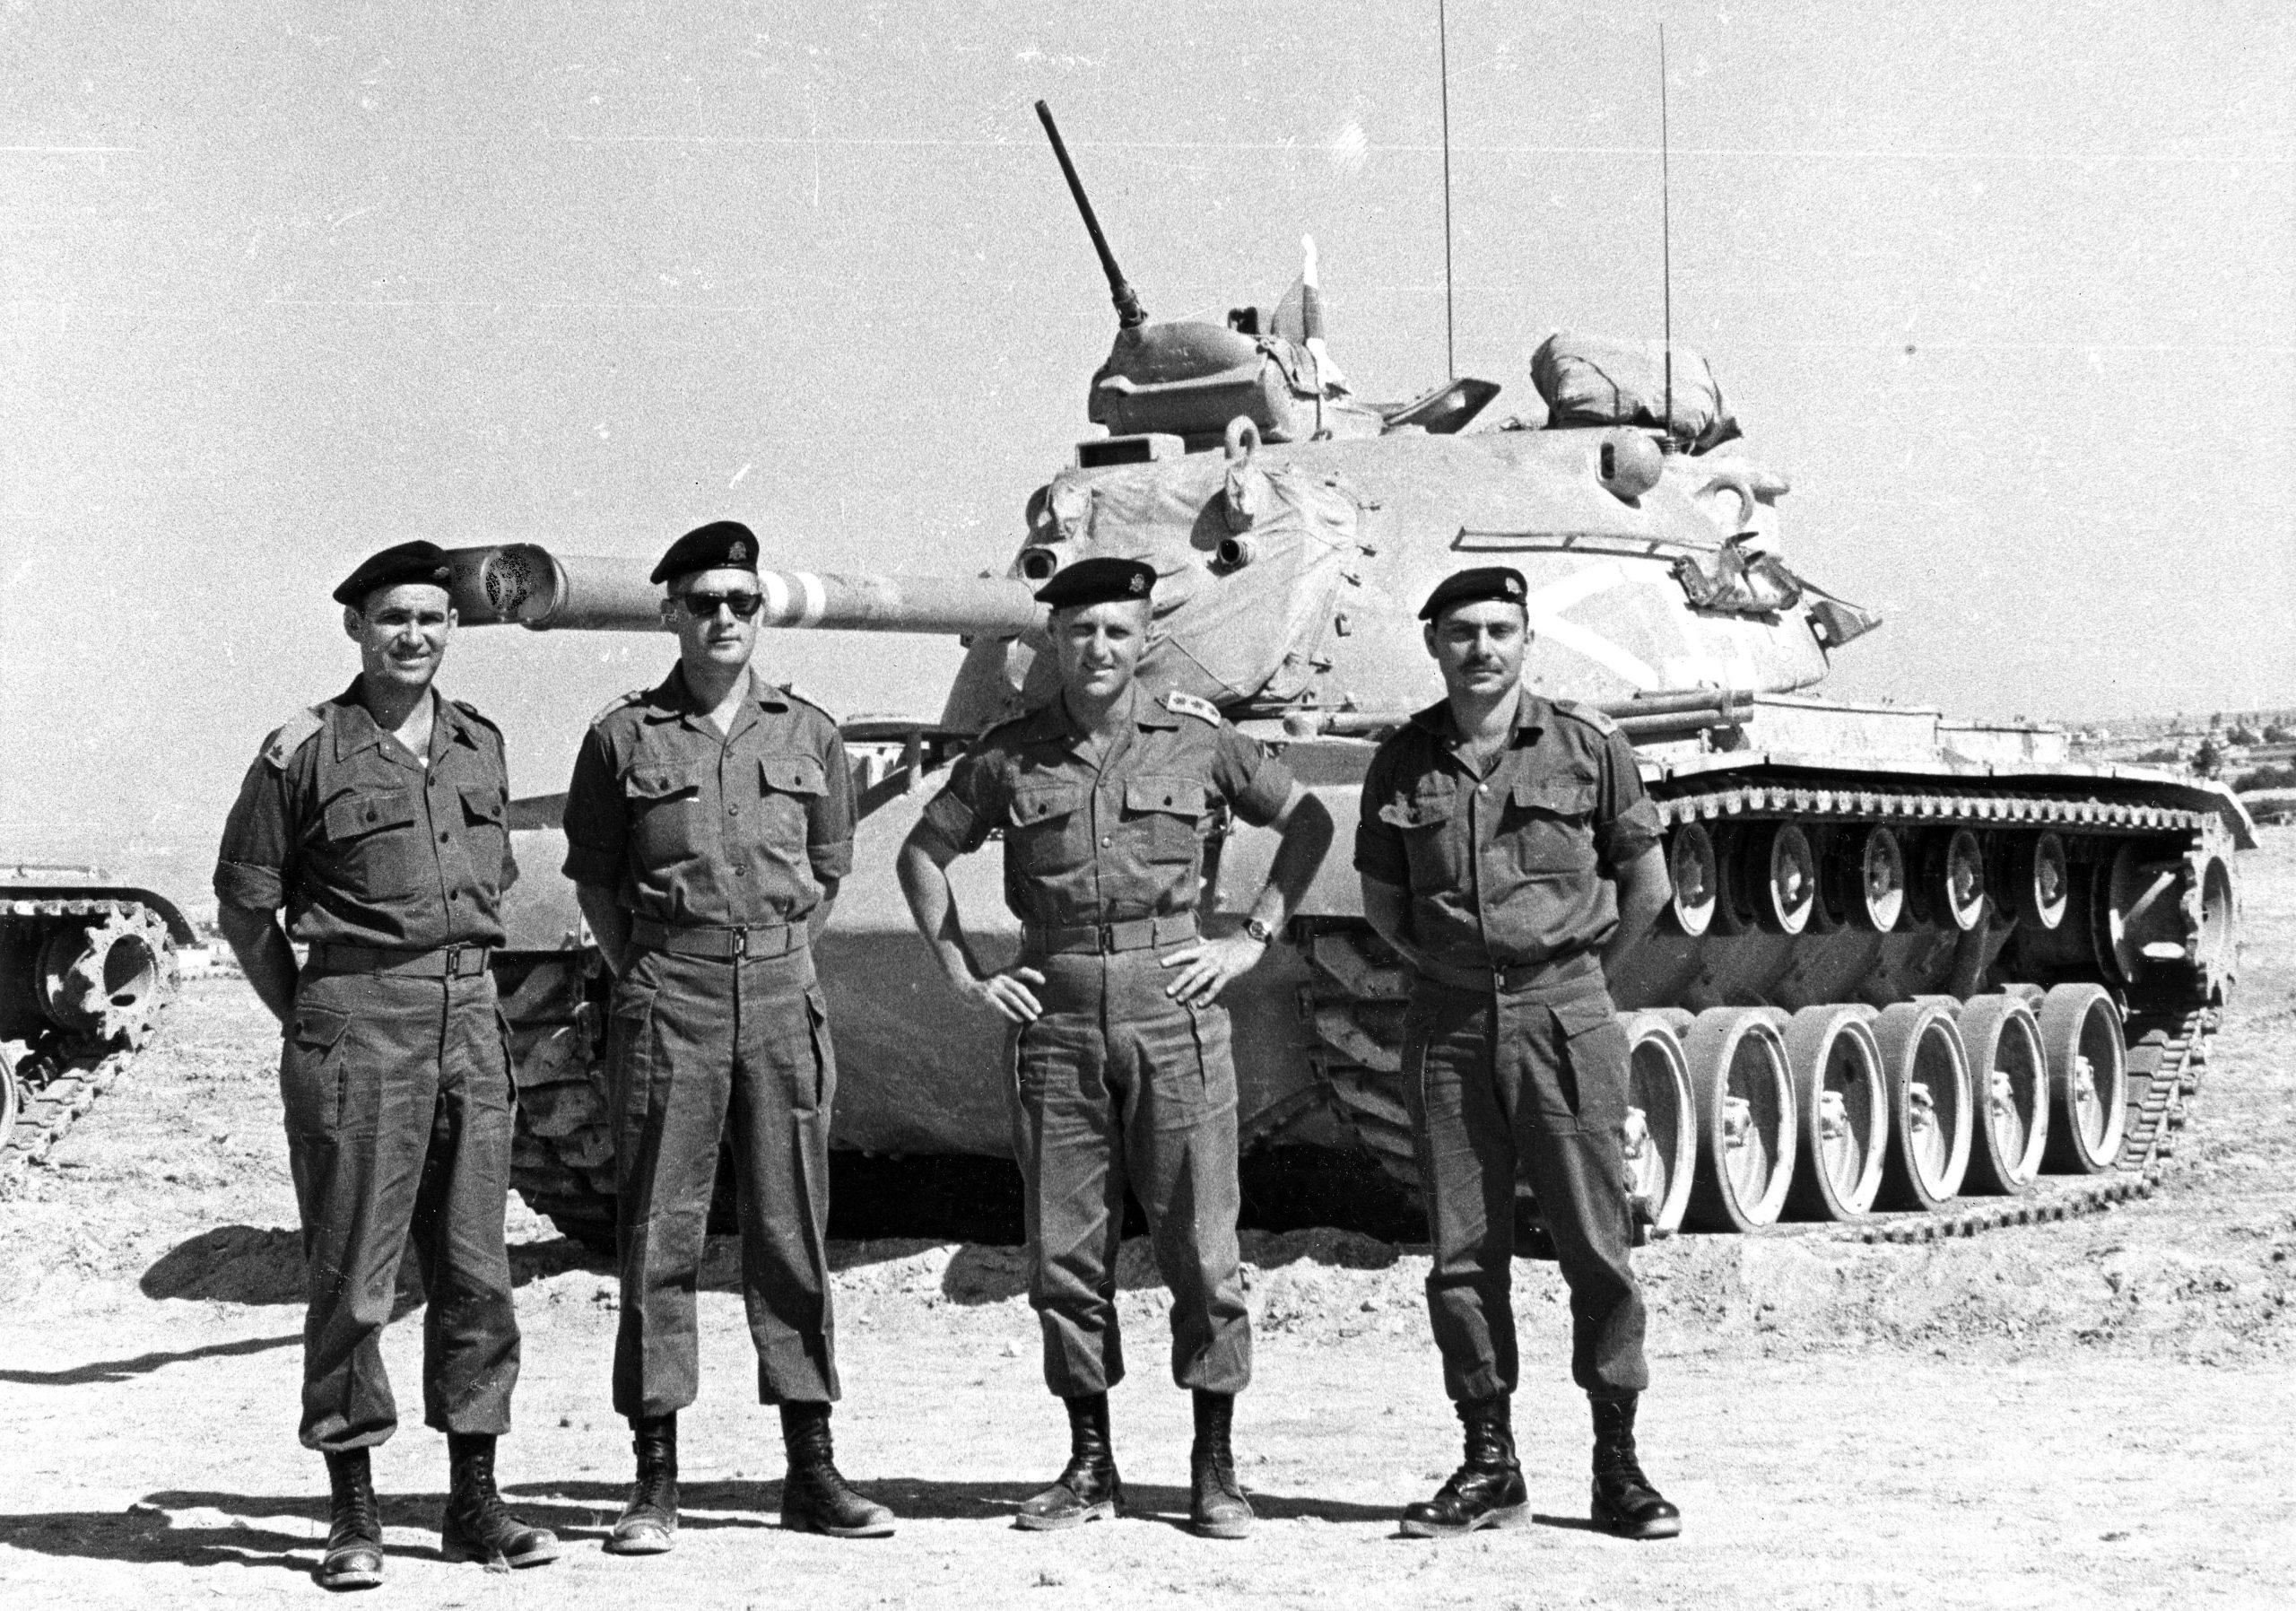 """טנק מגח 1 M48A1 ומפקדים. מימין סמג""""ד 79 רס""""ן חיים ארז, מח""""ט 7 שלמה """"צ'יץ'"""" להט ומג""""ד 79 סא""""ל יעקב ג'קי אבן. שלושתם לימים אלופים בצה""""ל. הקצין משמאל לא זוהה. (צילום אוסף האלוף ג'קי אבן)"""